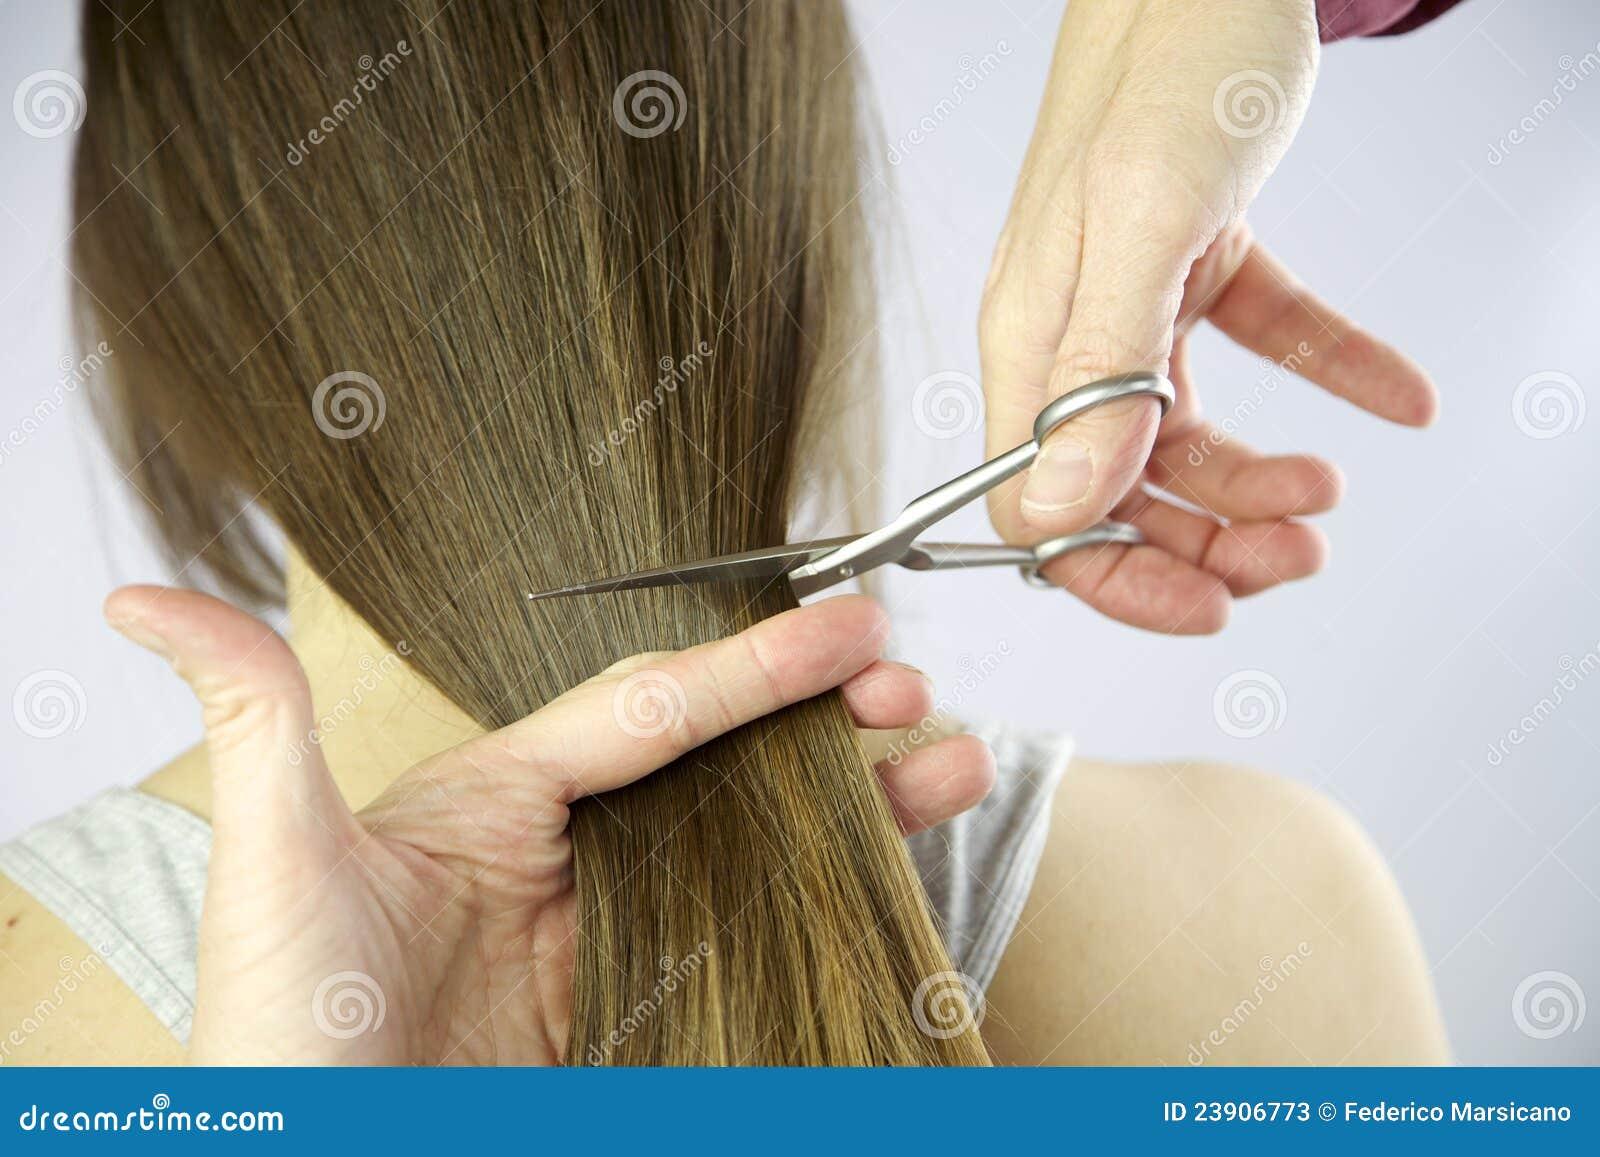 pelo largo masaje tantra trabajo de mano